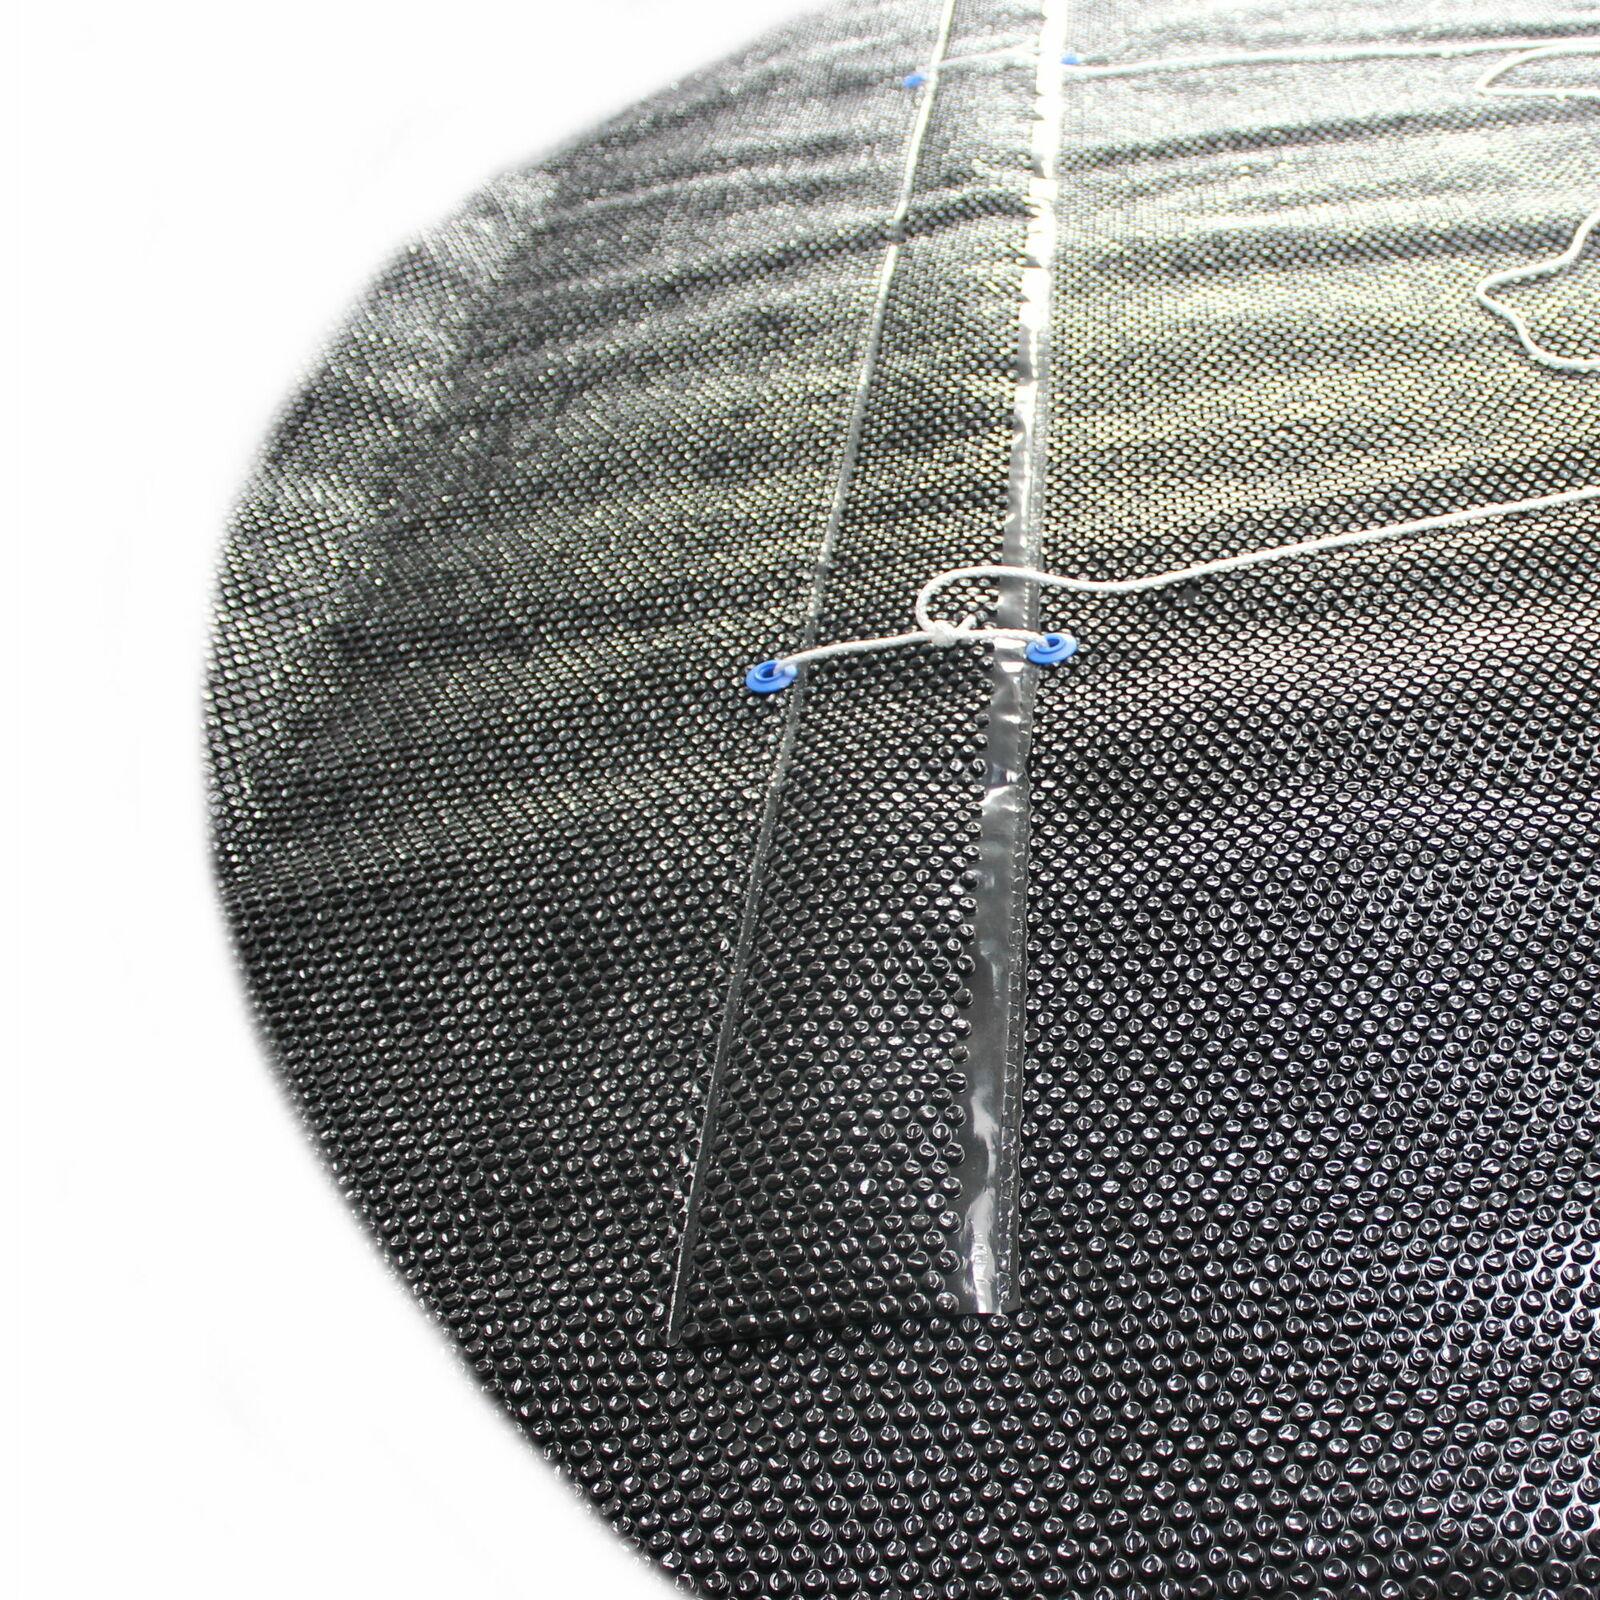 Solarfolie schwarz 400my mit Zugschlaufe, Ösen und Leine Ovalform Solarfolie